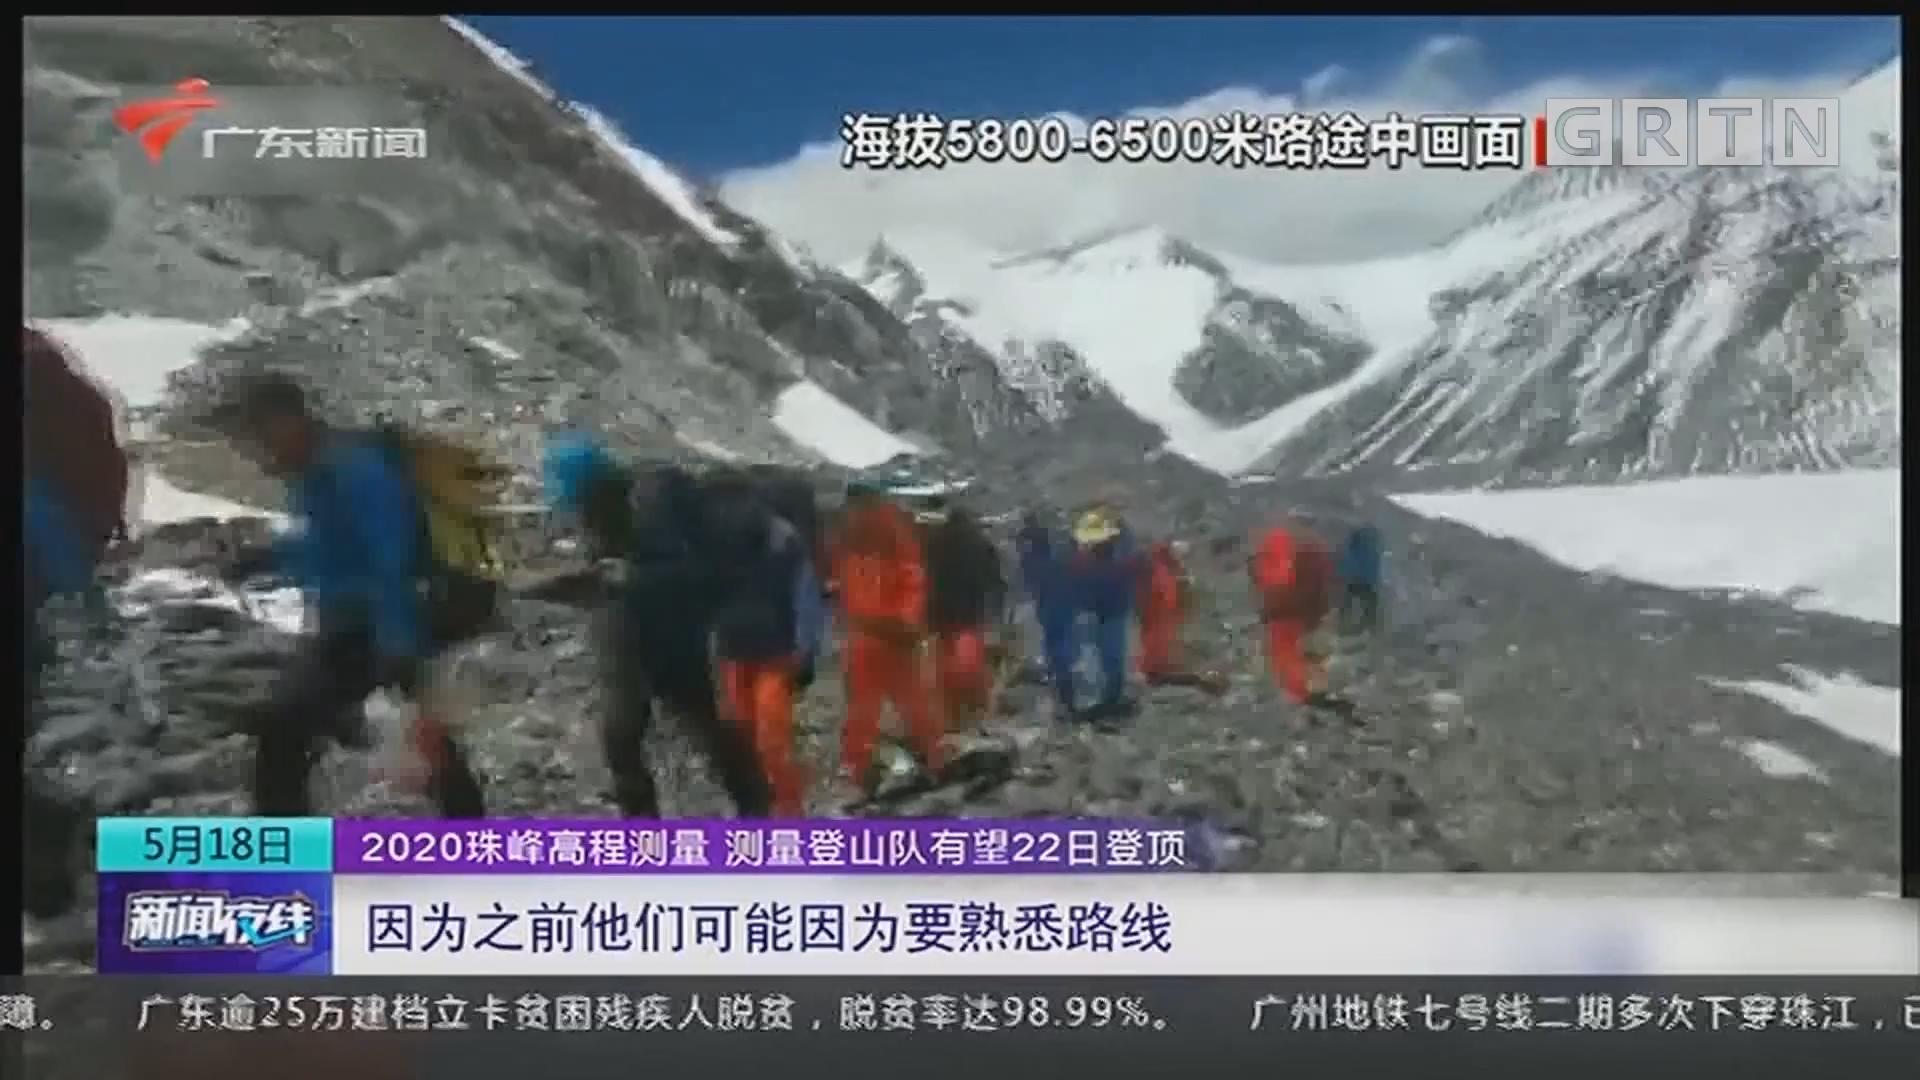 2020珠峰高程测量 测量登山队有望22日登顶